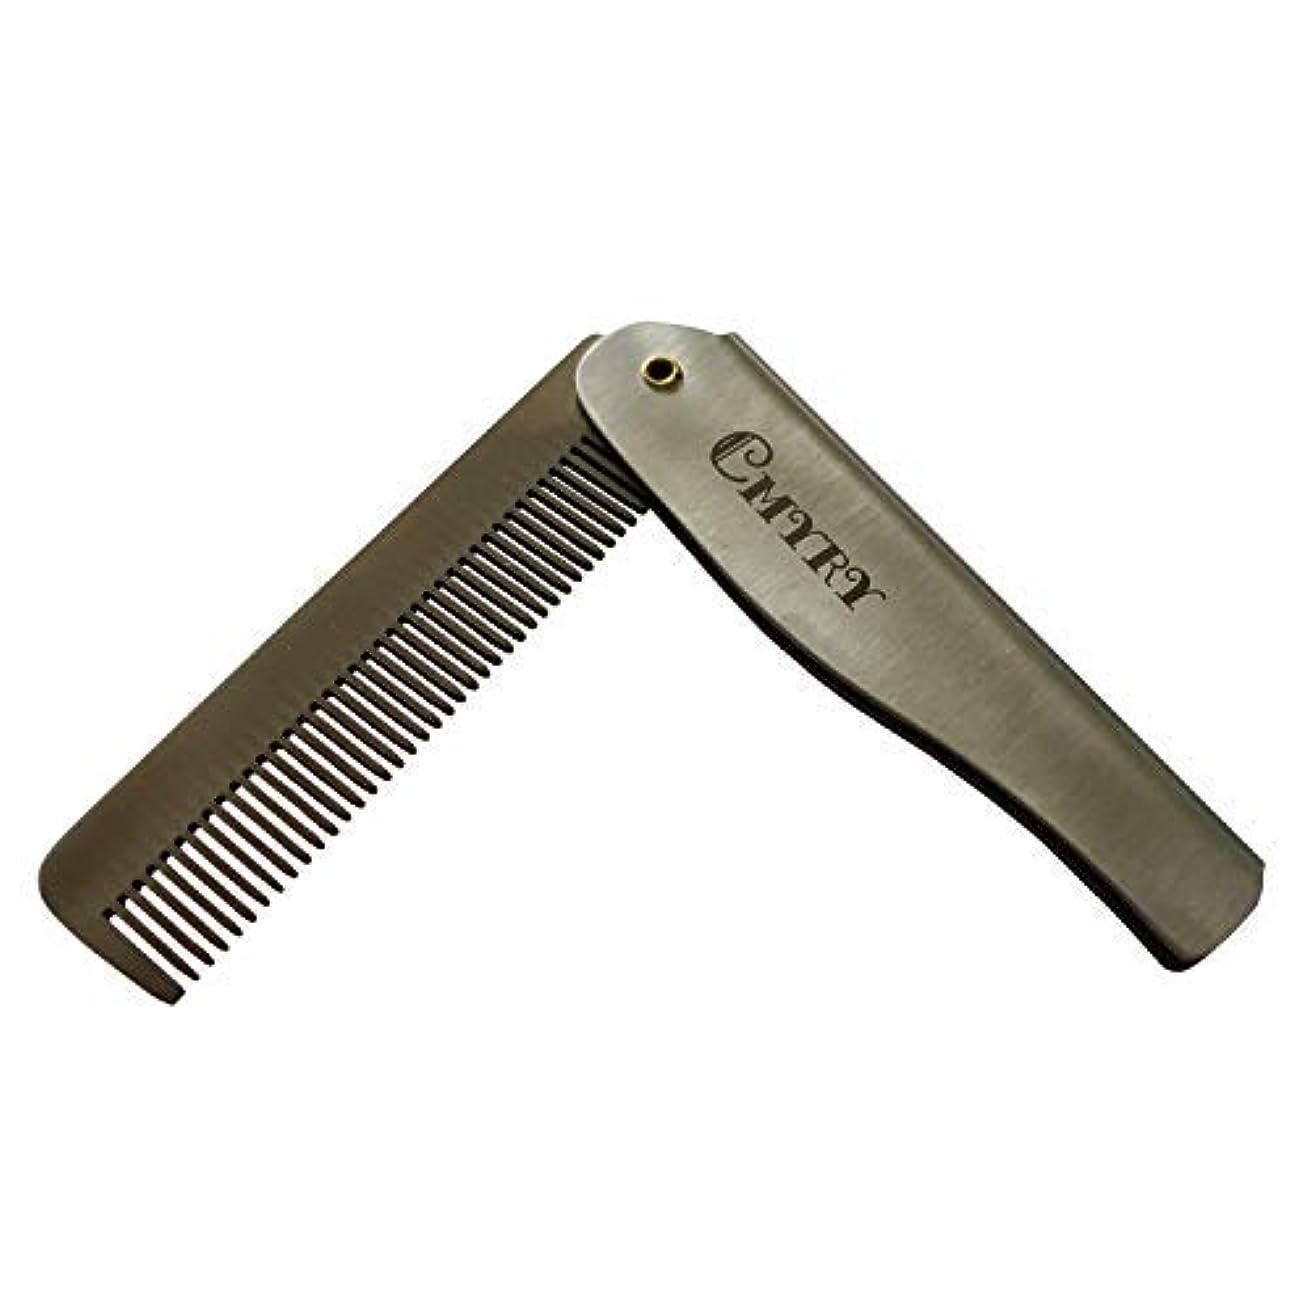 初期案件放射するFolding Beard Hair Pocket Mustaches Pouch Comb Durable Anti-Static Comb for Men [並行輸入品]